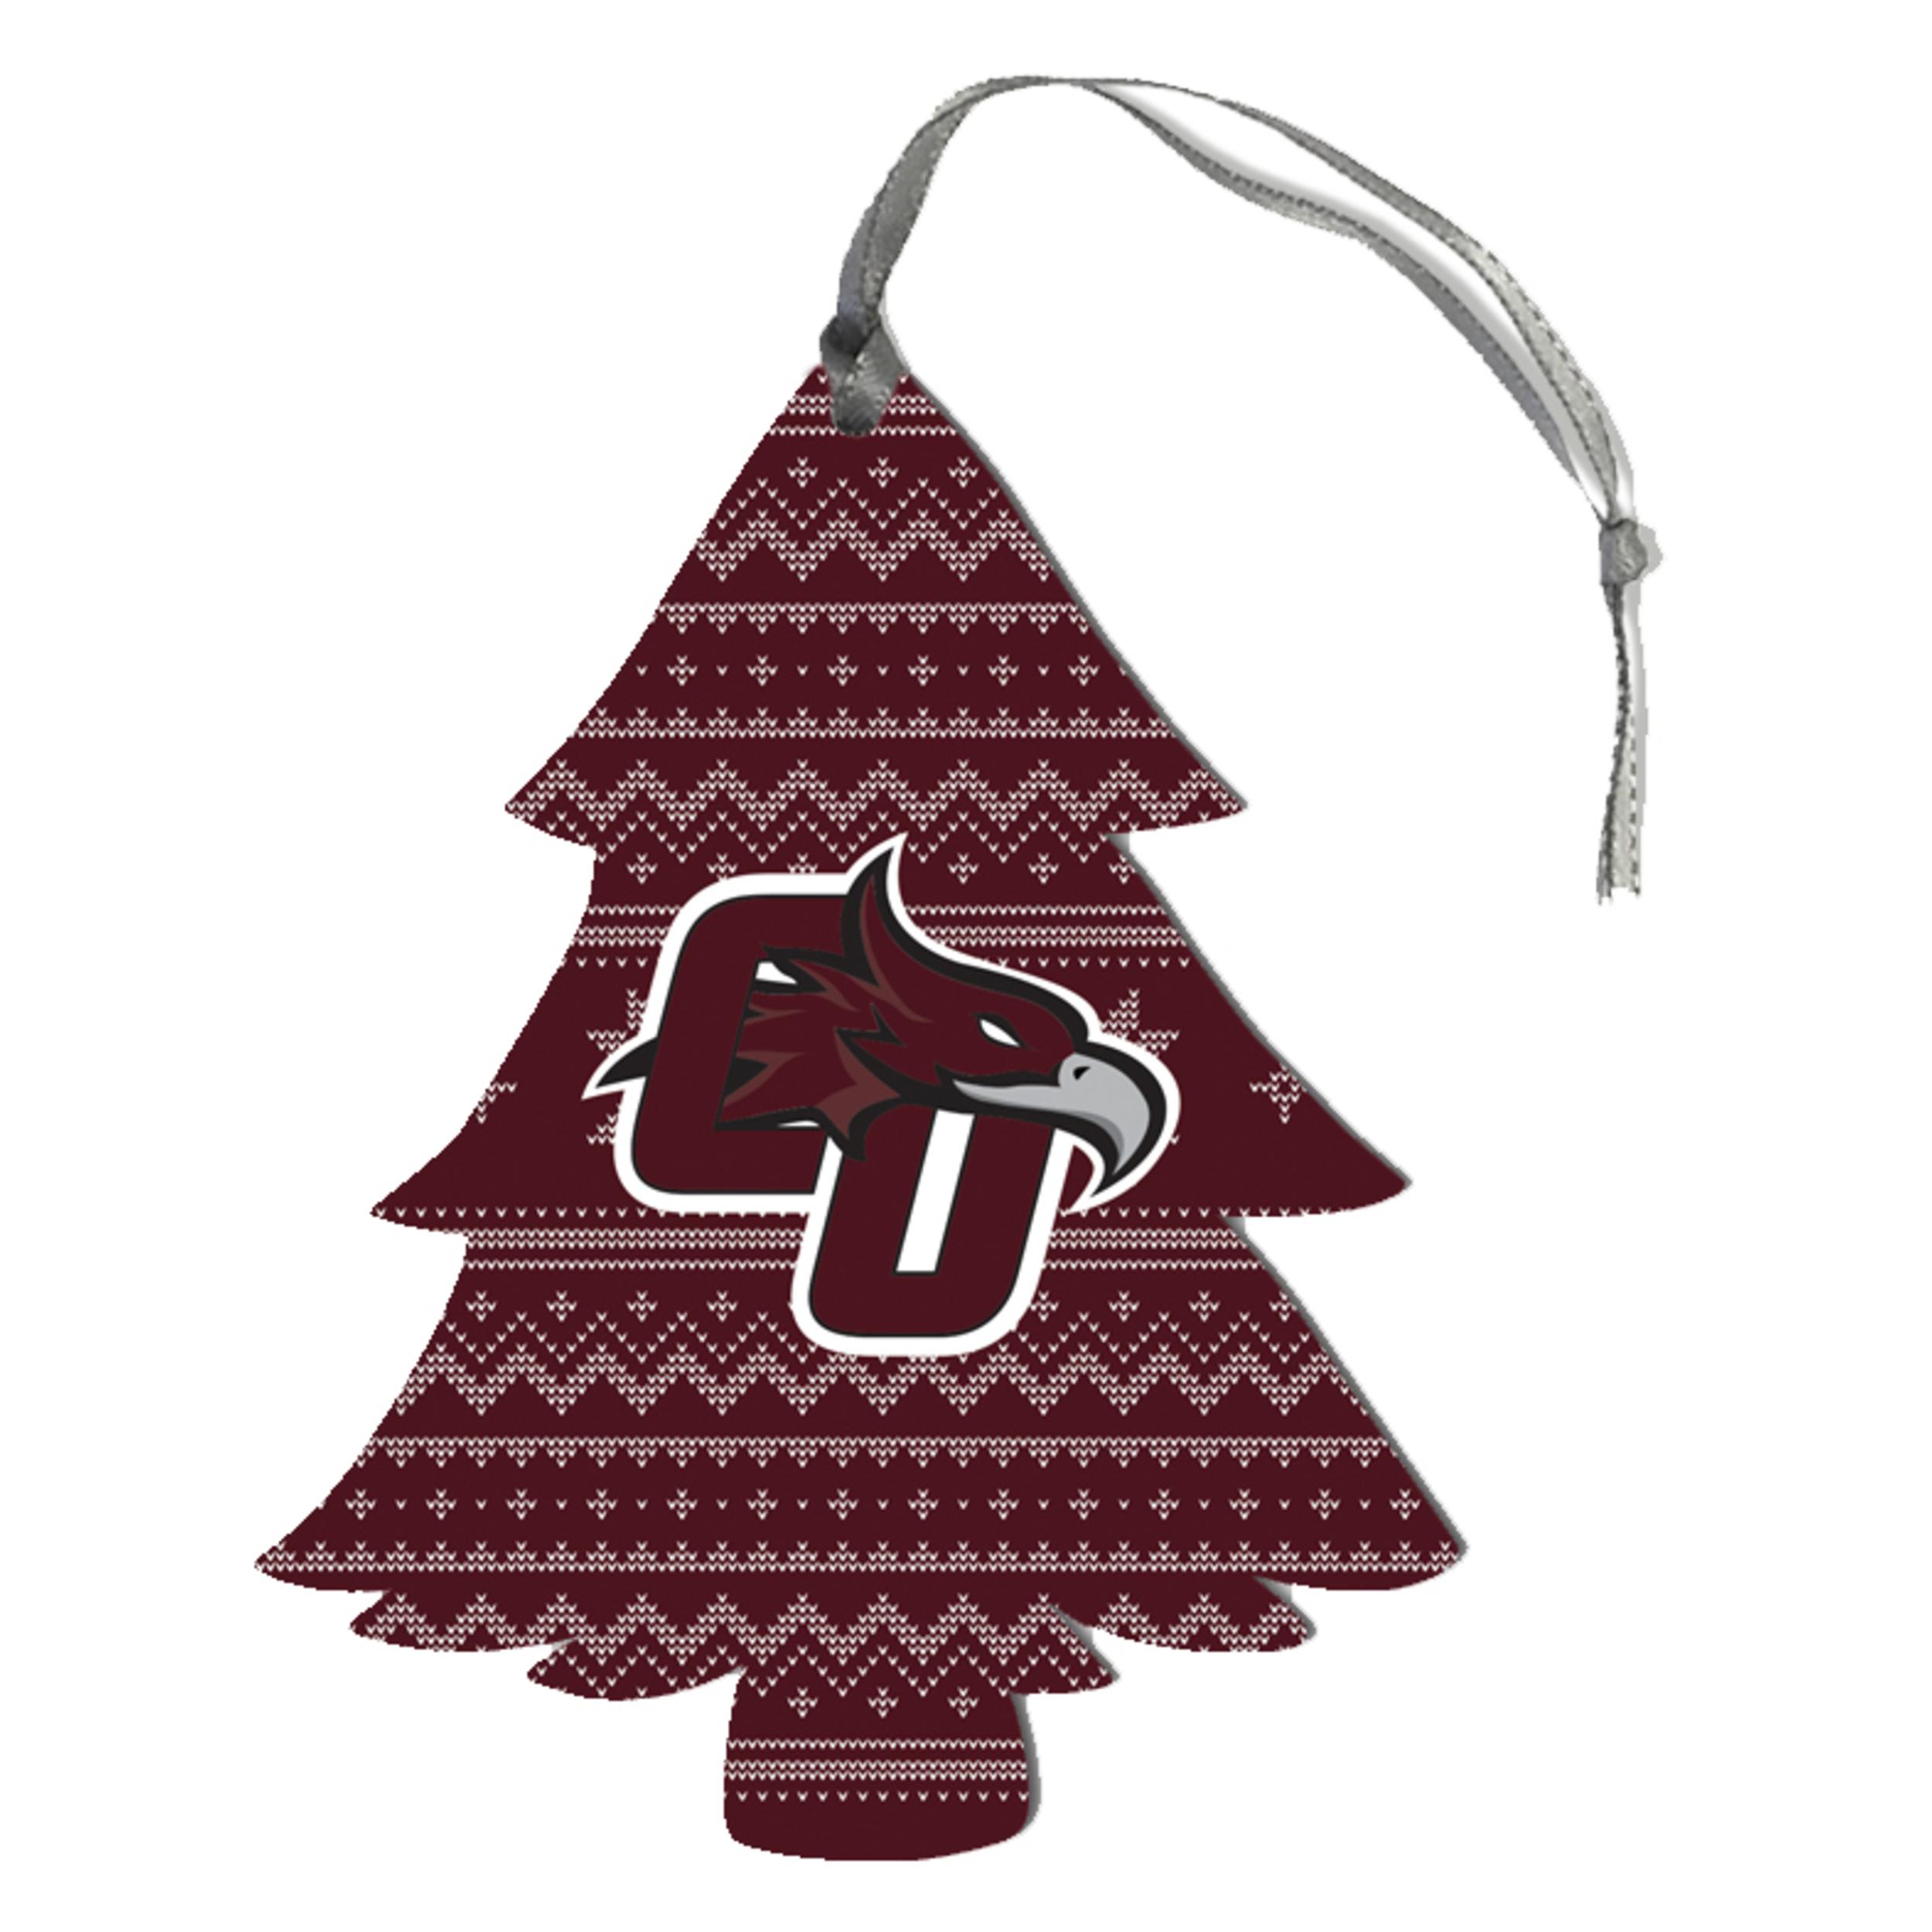 CU Phoenix Sweater Pattern Tree Ornament